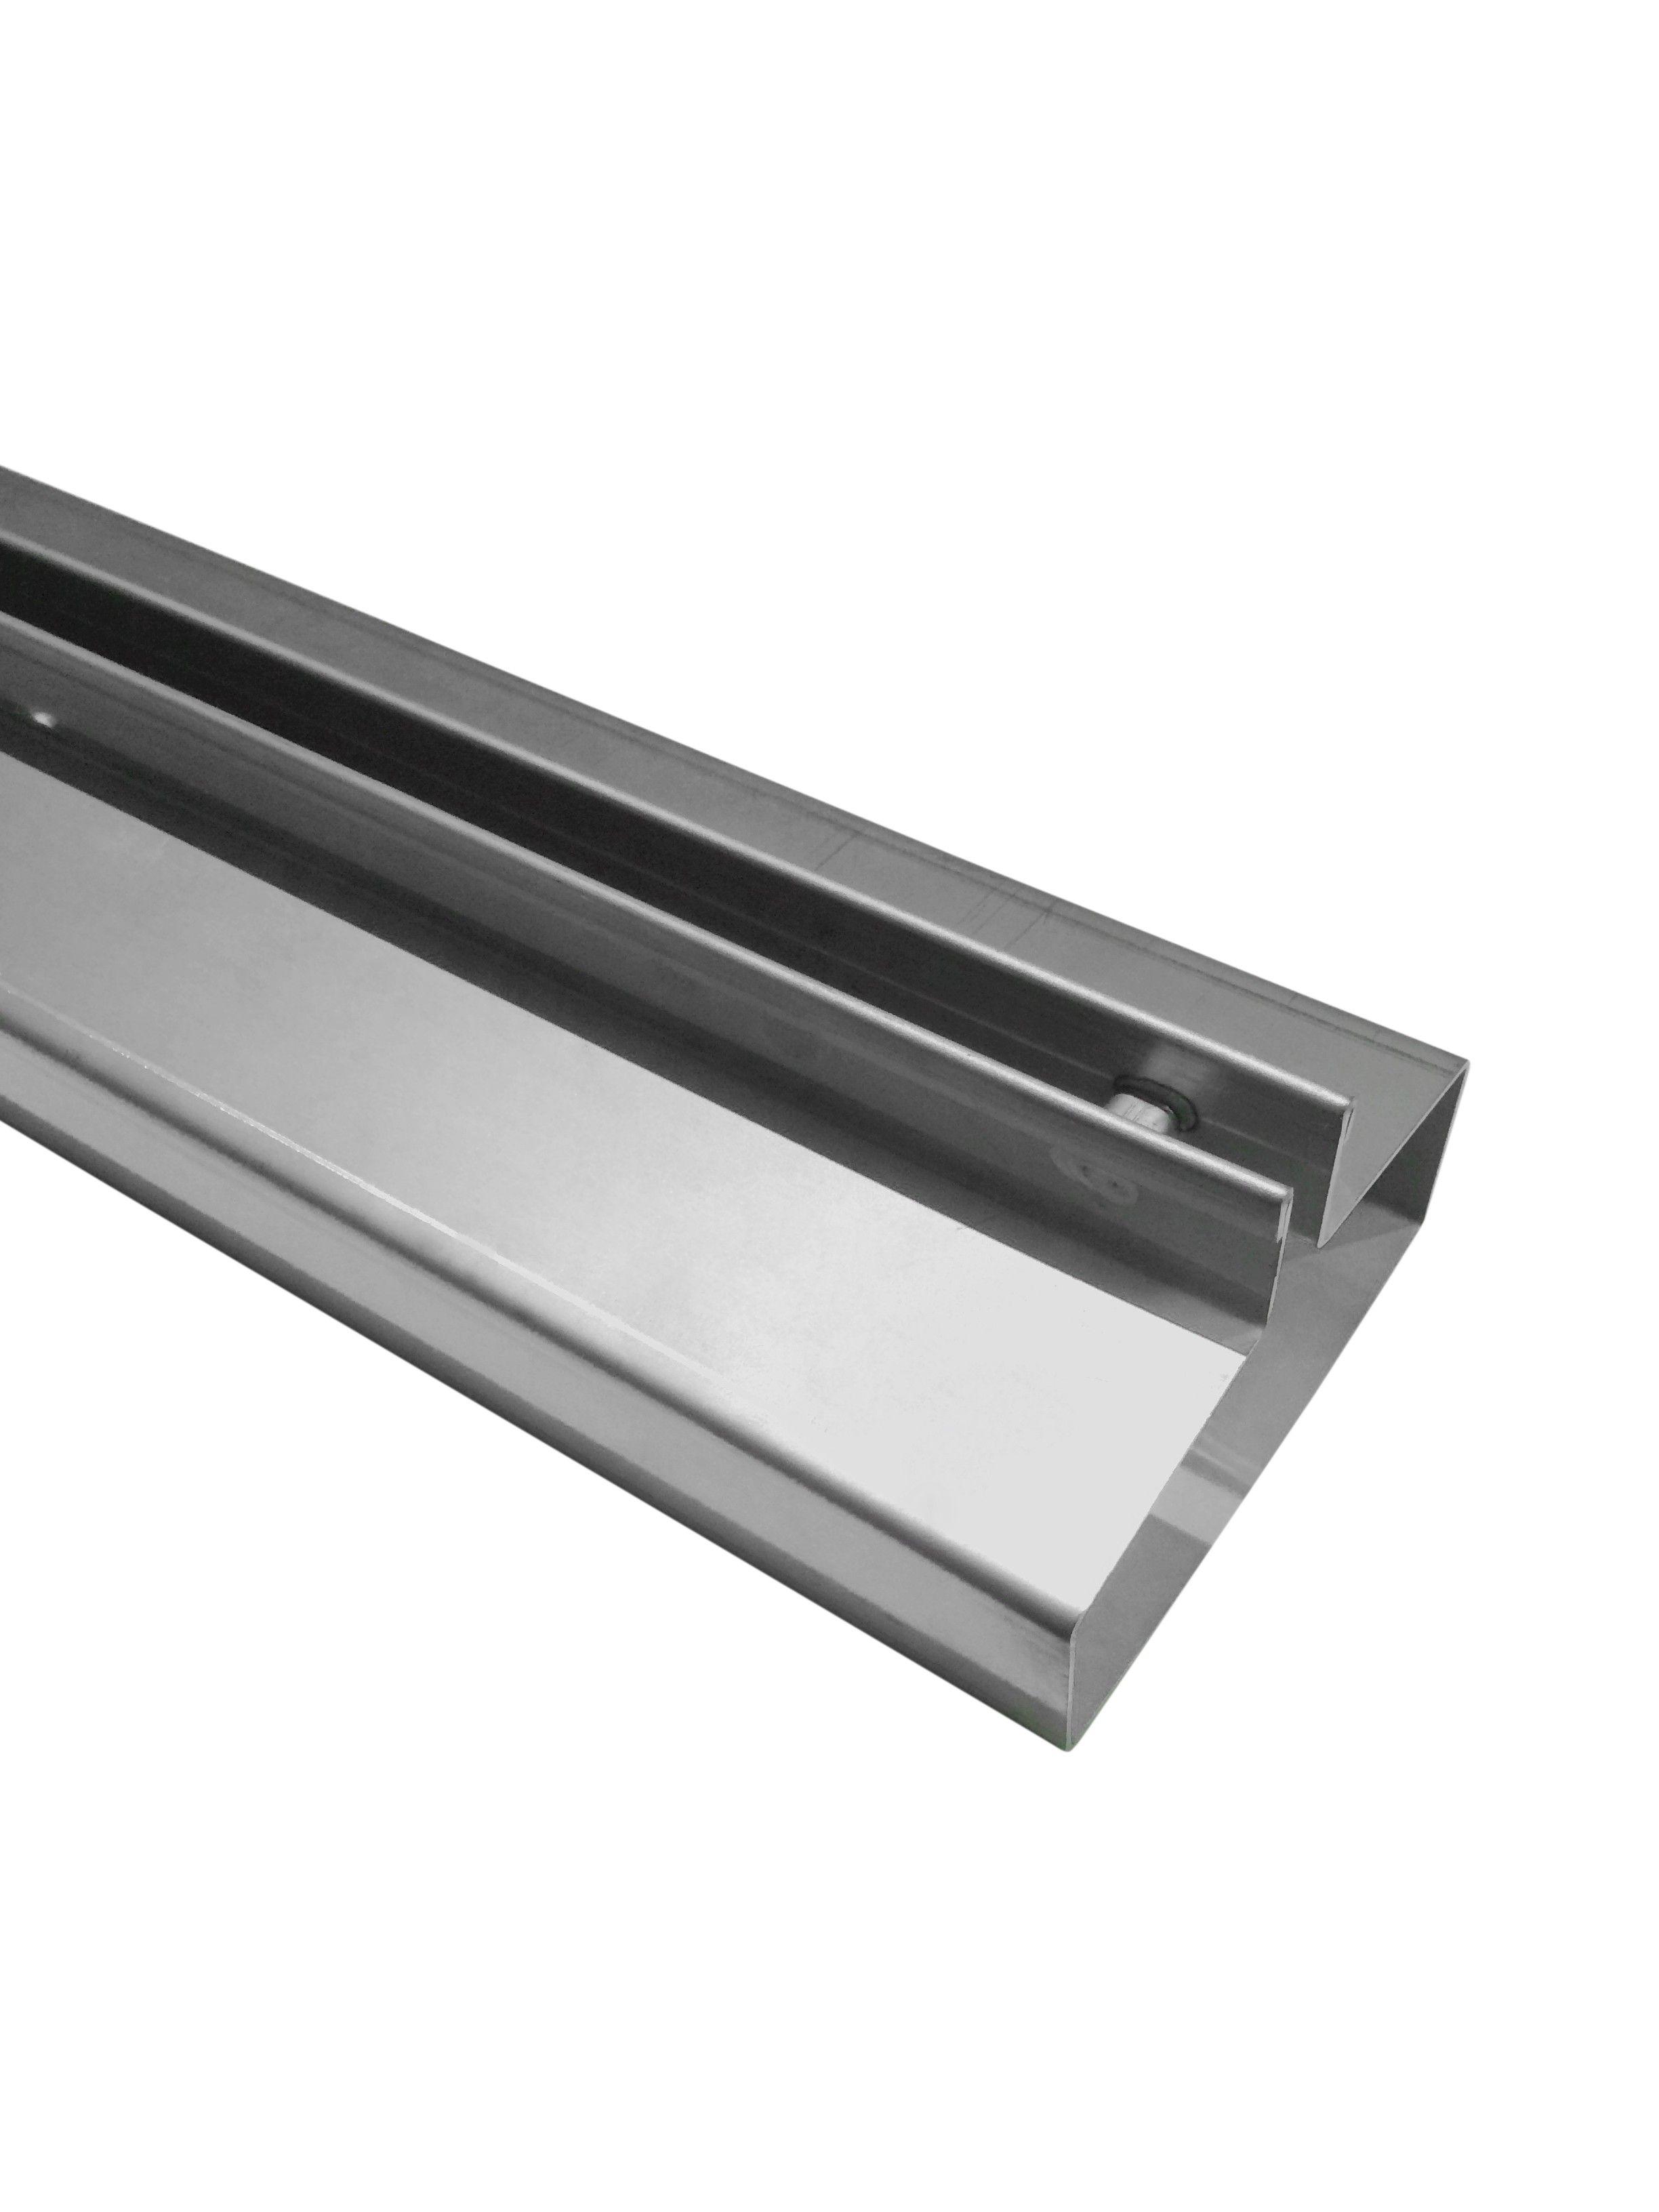 Small Floor Waste | Shower Door Design Ideas | Pinterest ...